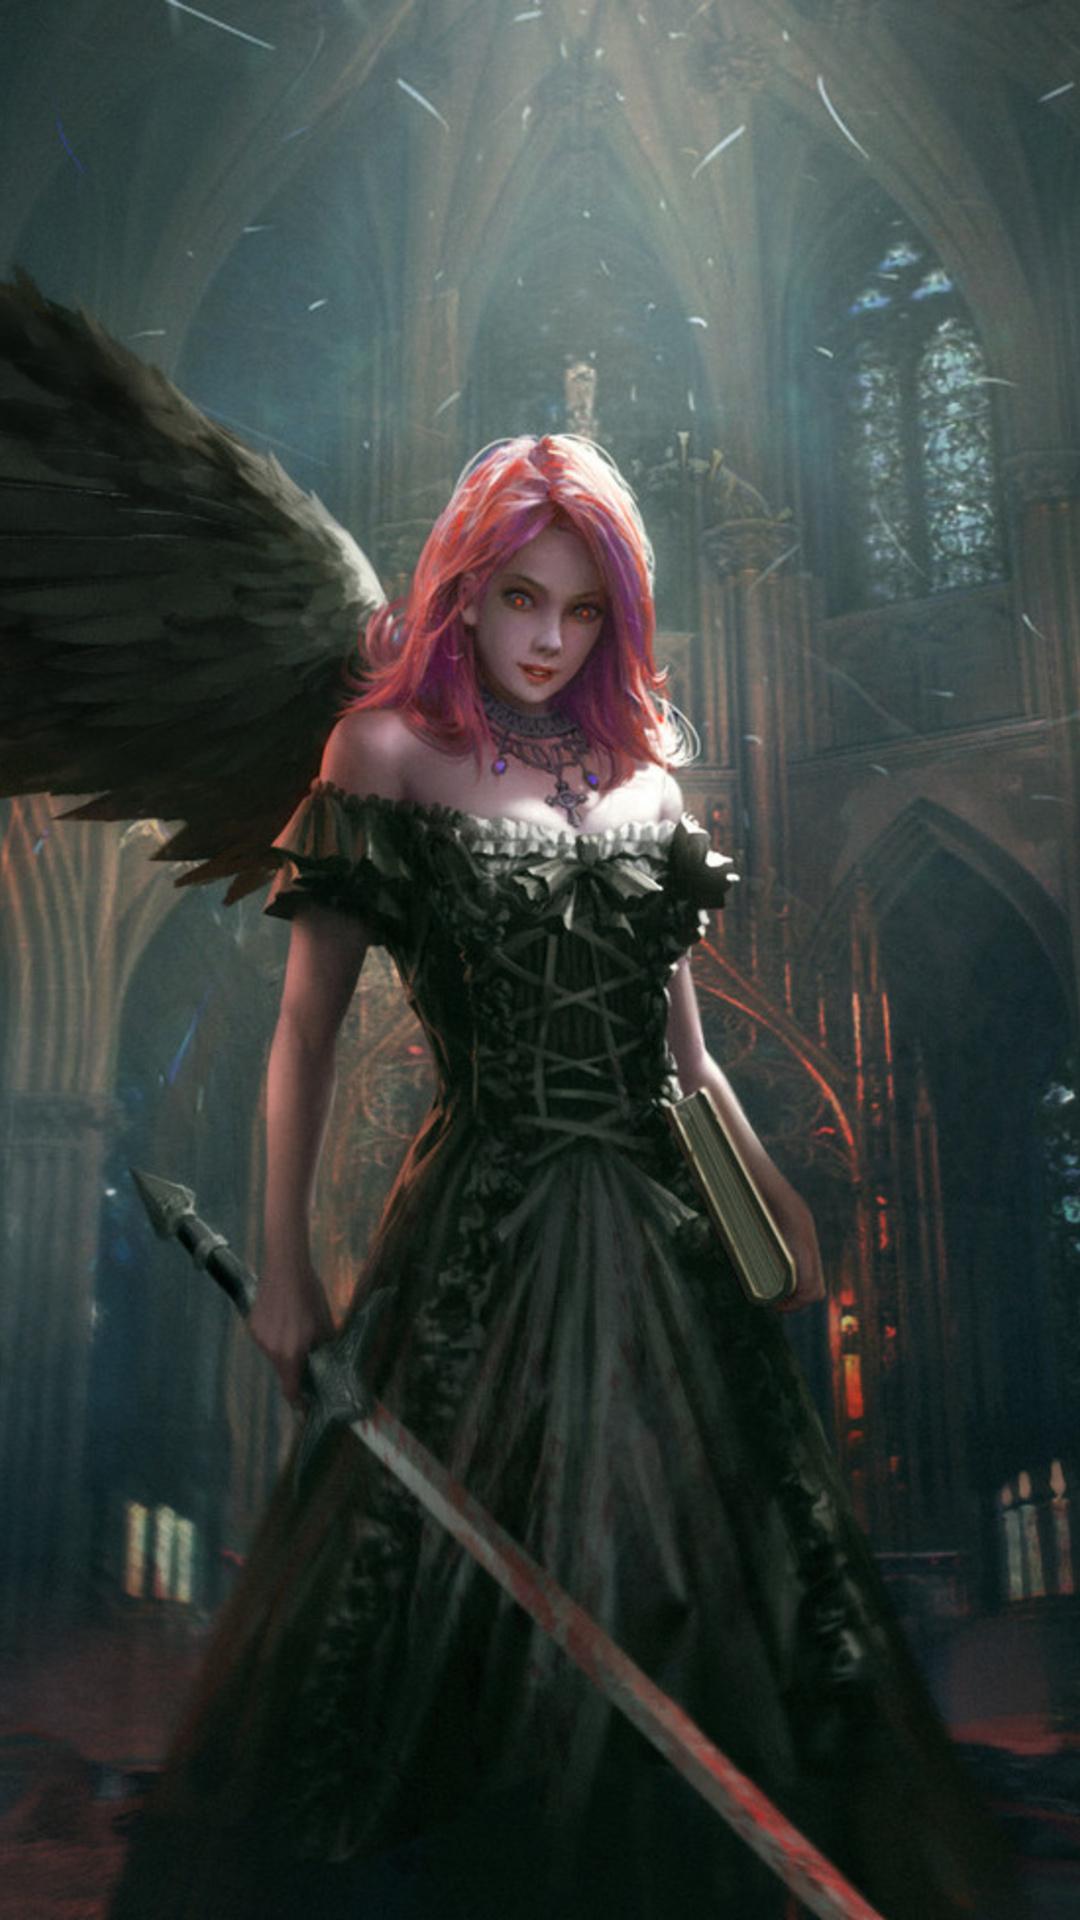 1080x1920 dark angel iphone 76s6 plus pixel xl one plus 33t5 dark angel dzg voltagebd Images